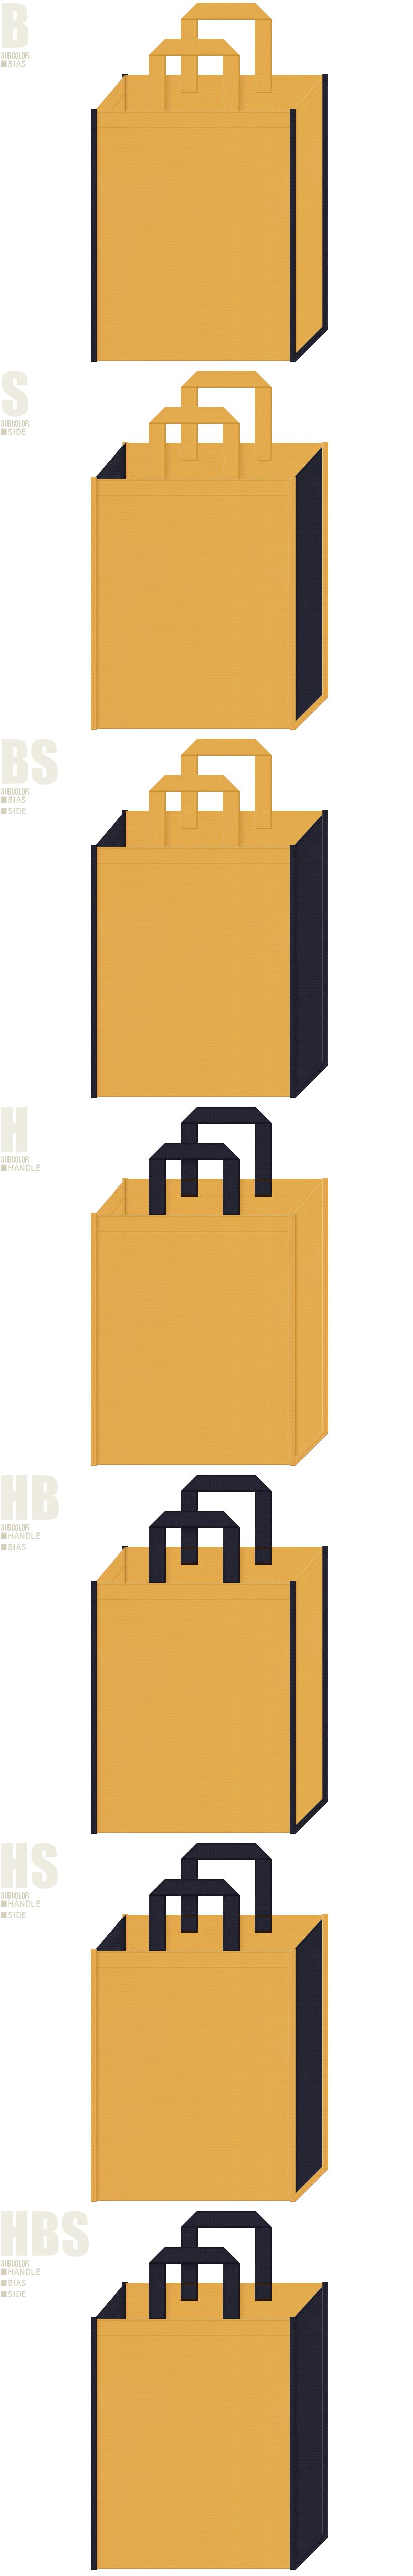 カジュアルファッションのショッピングバッグにお奨めの、黄土色と濃紺色、7パターンの不織布トートバッグ配色デザイン例。